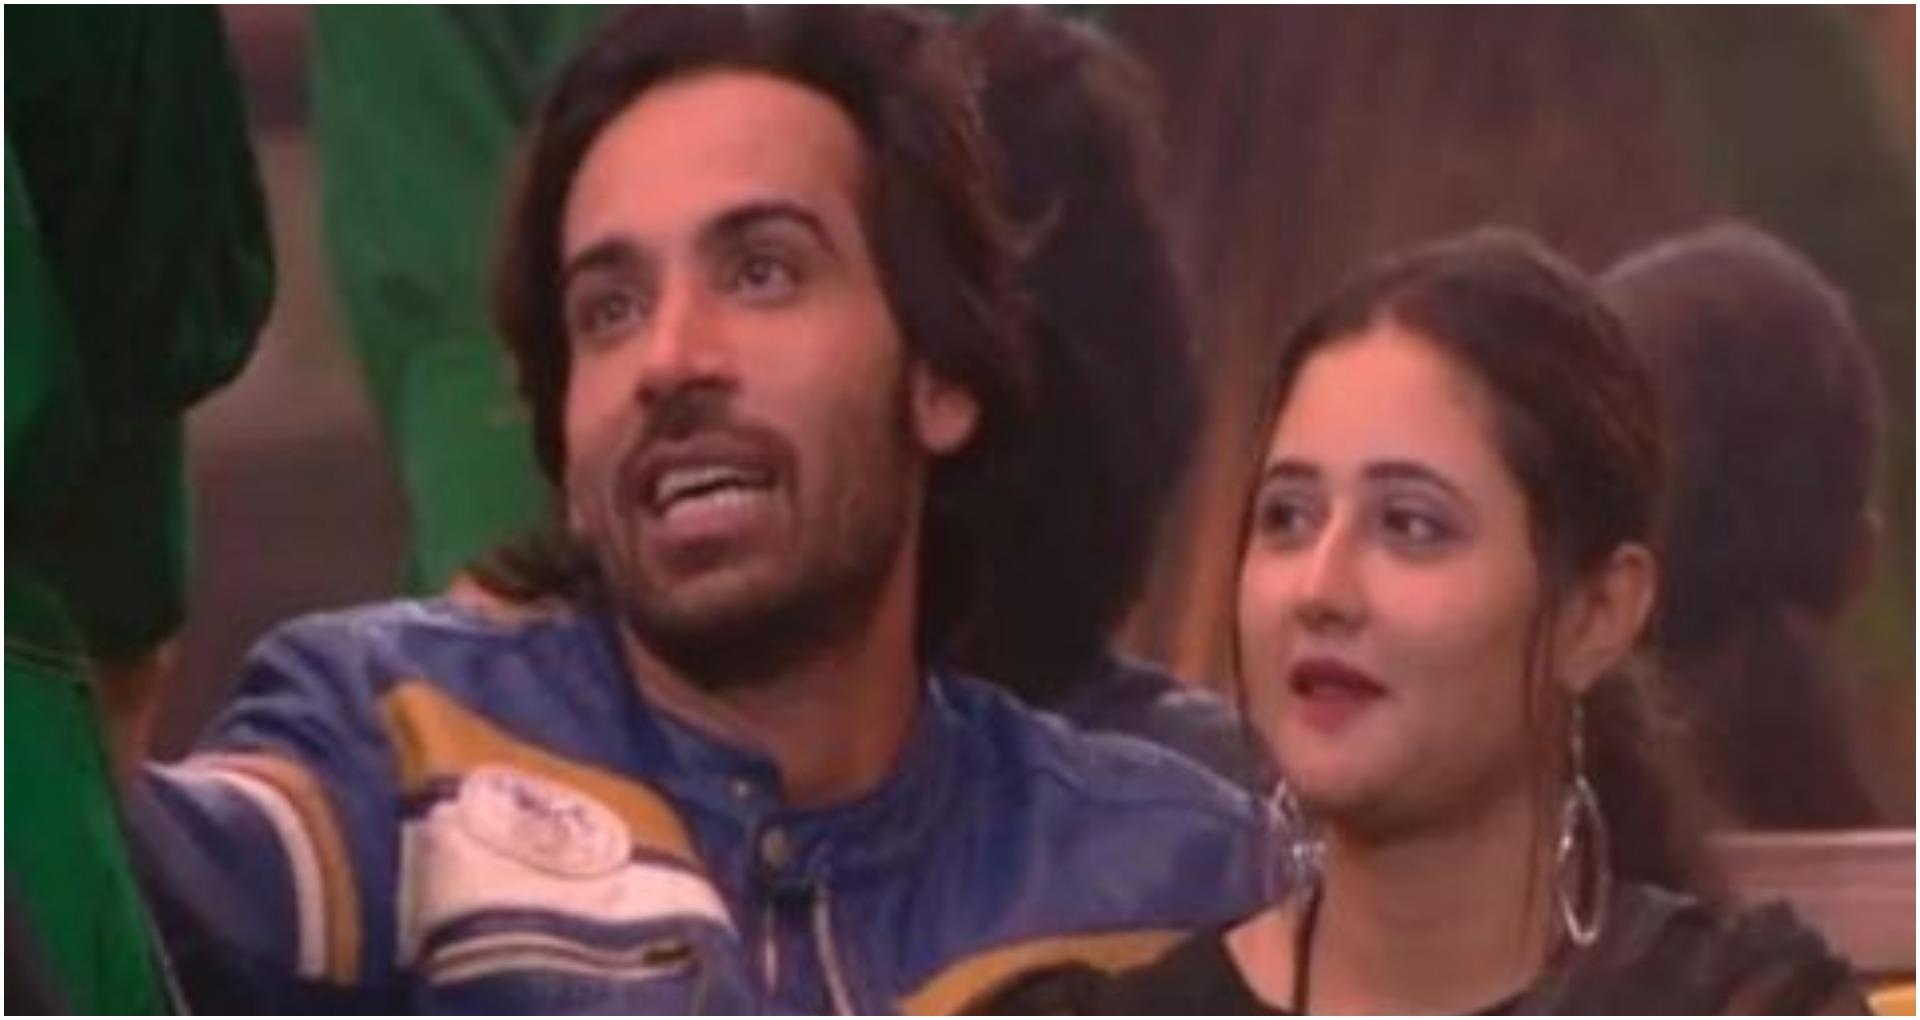 BB13: अरहान खान को रश्मि देसाई की गैर मौजूदगी में उनके घर में रहना पड़ा भारी, फंसे मुसीबत में